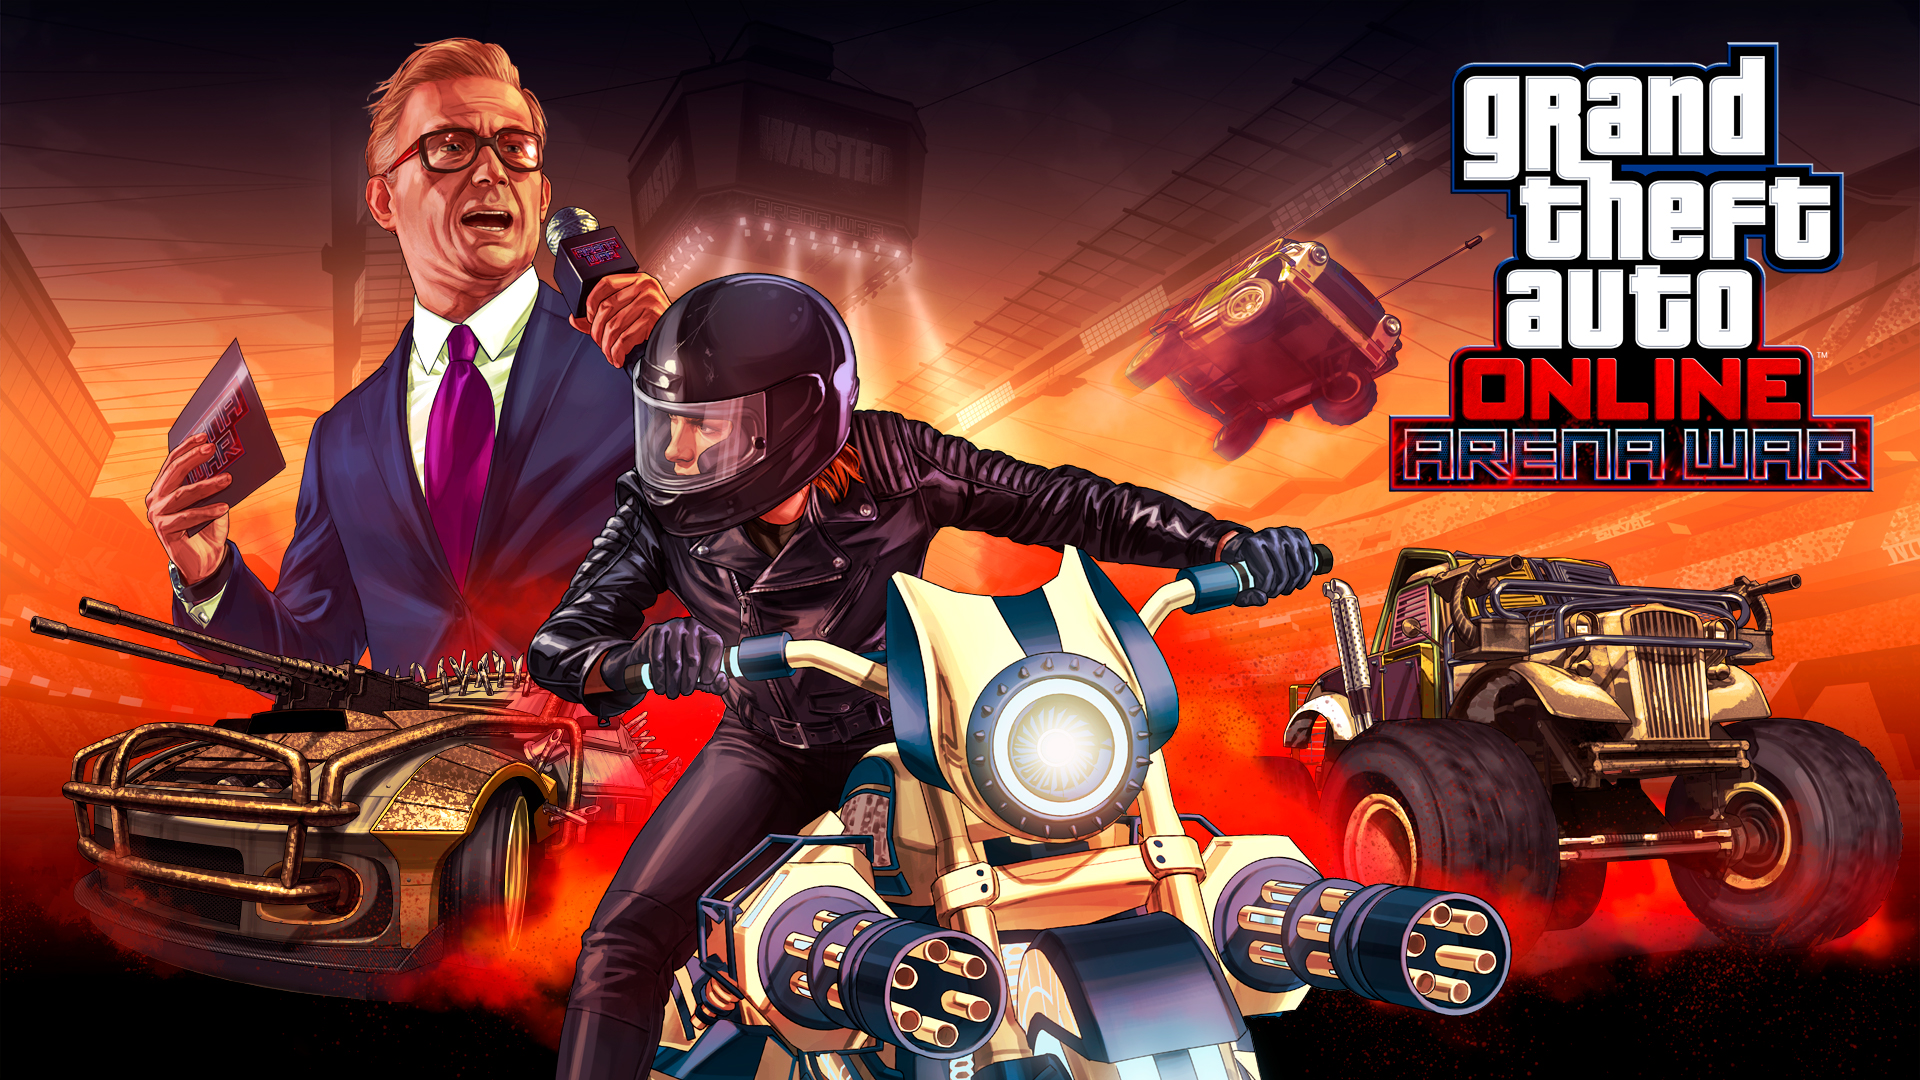 Arena War in GTA